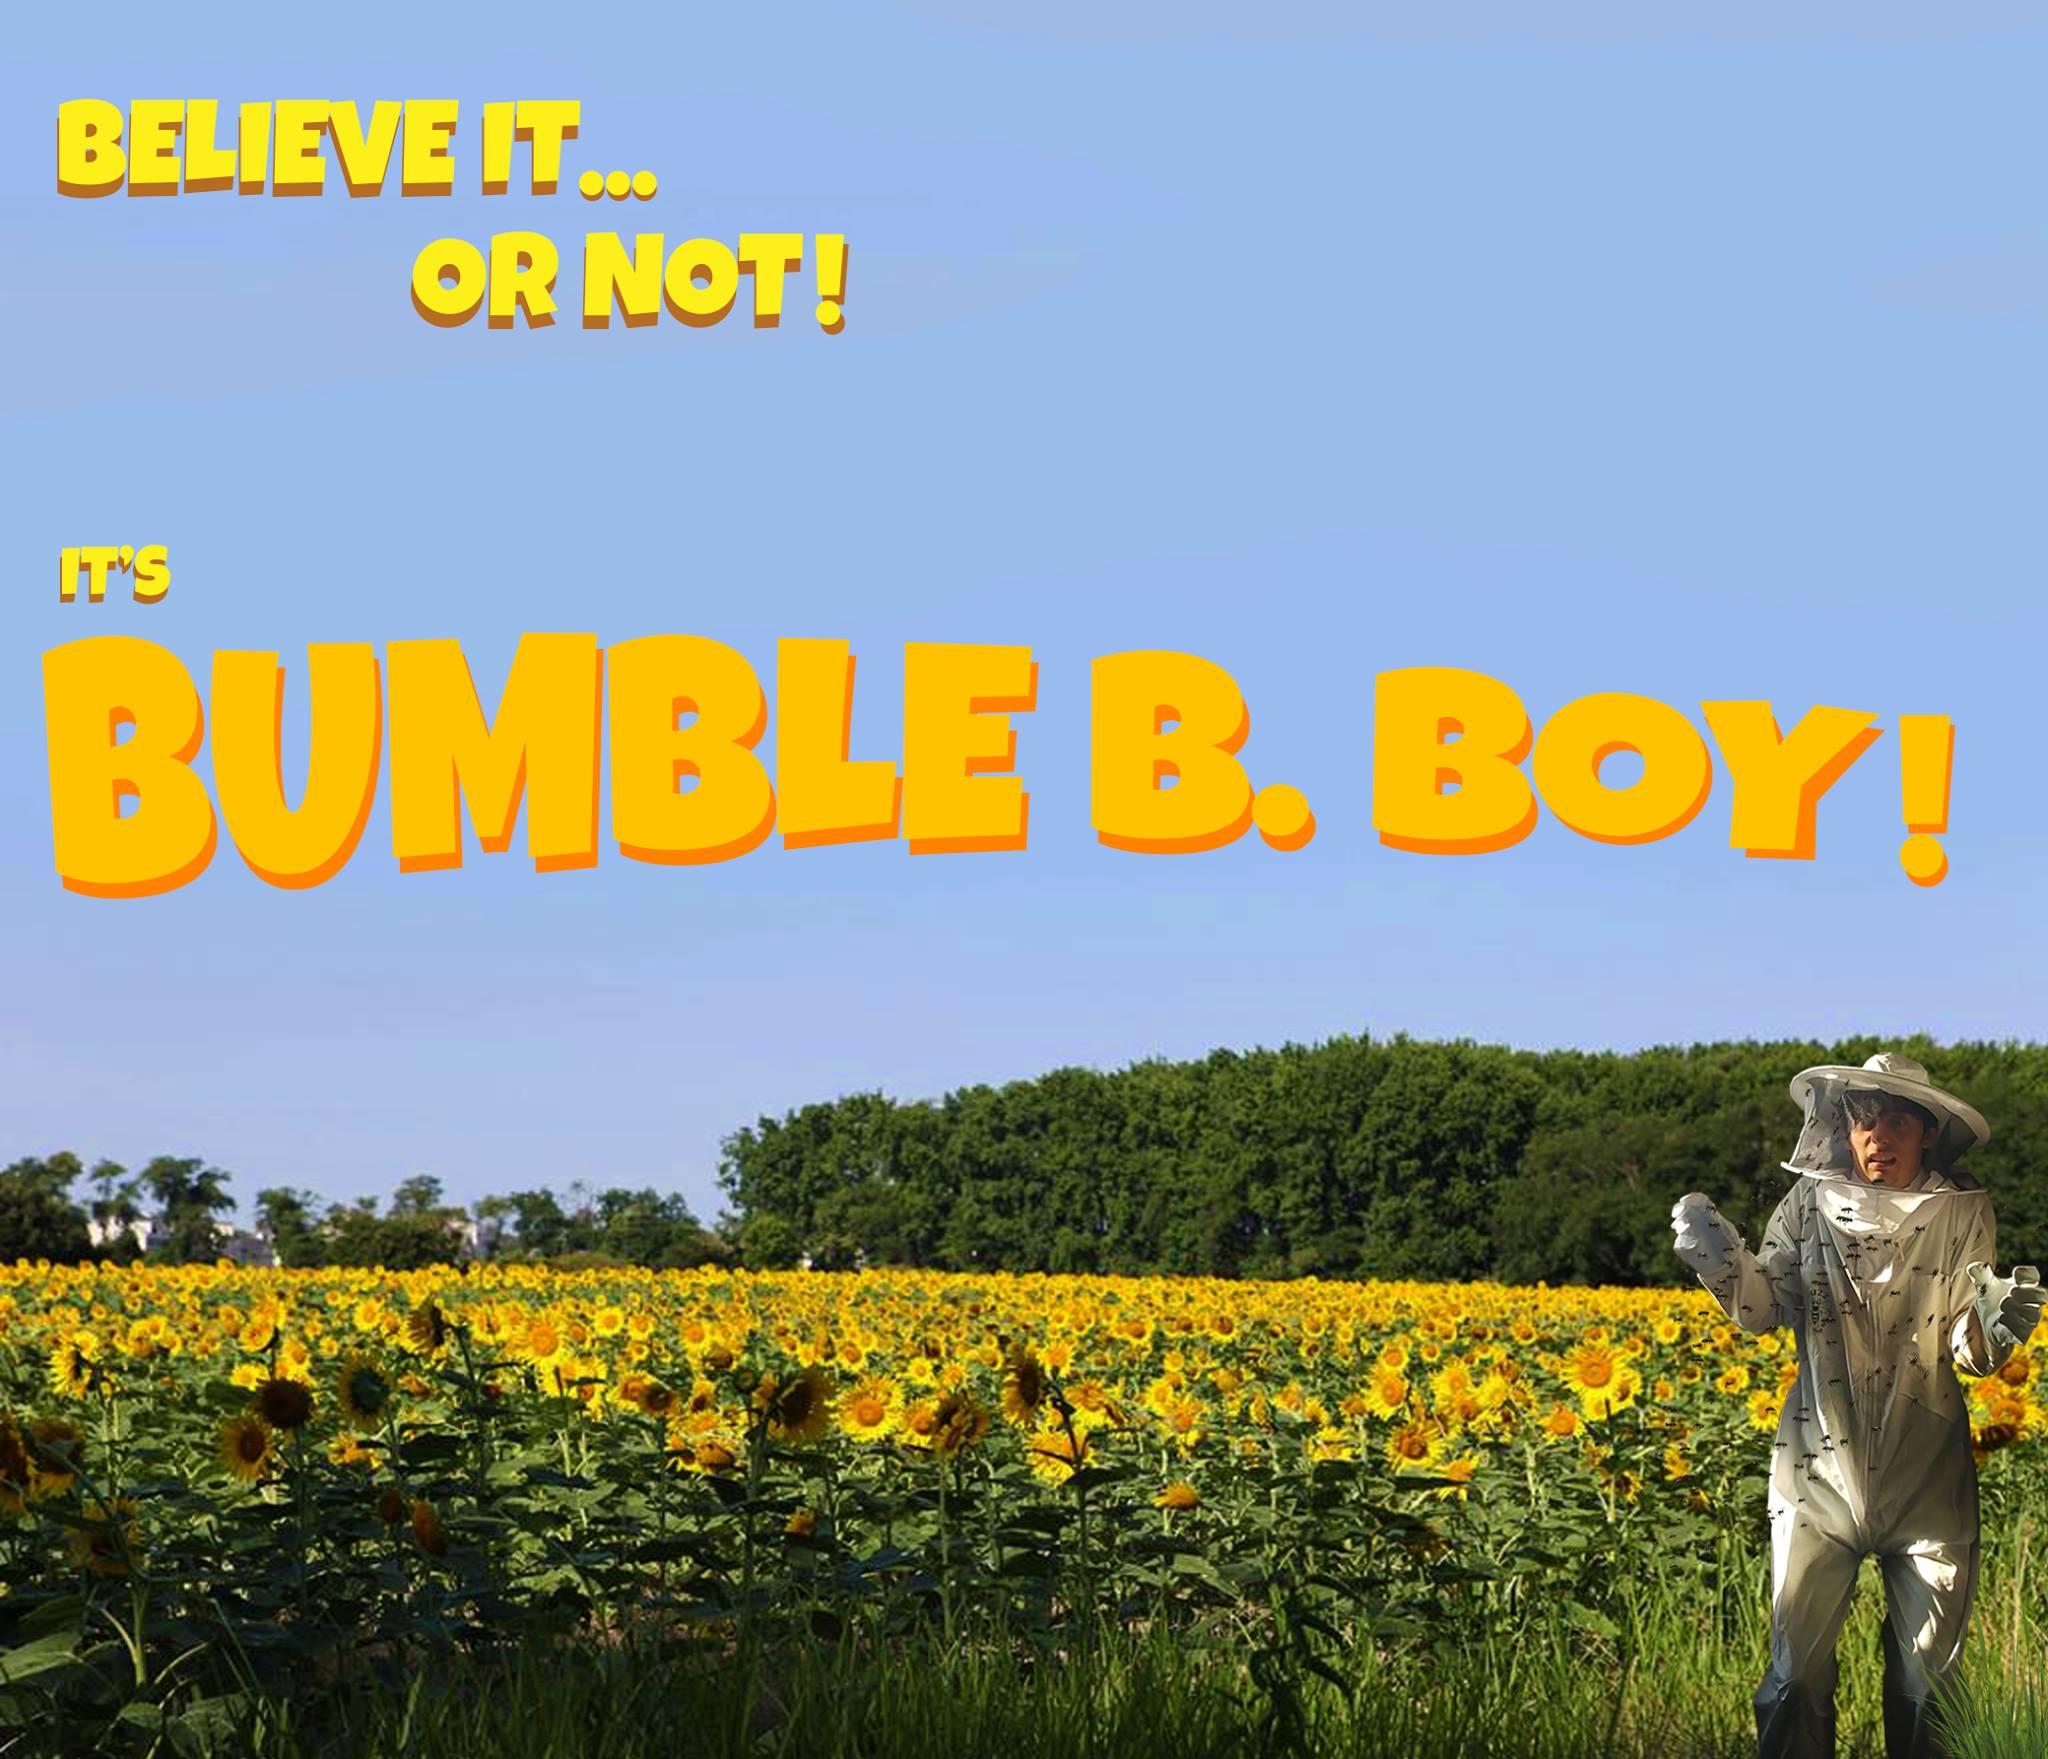 Bumble B. Boy